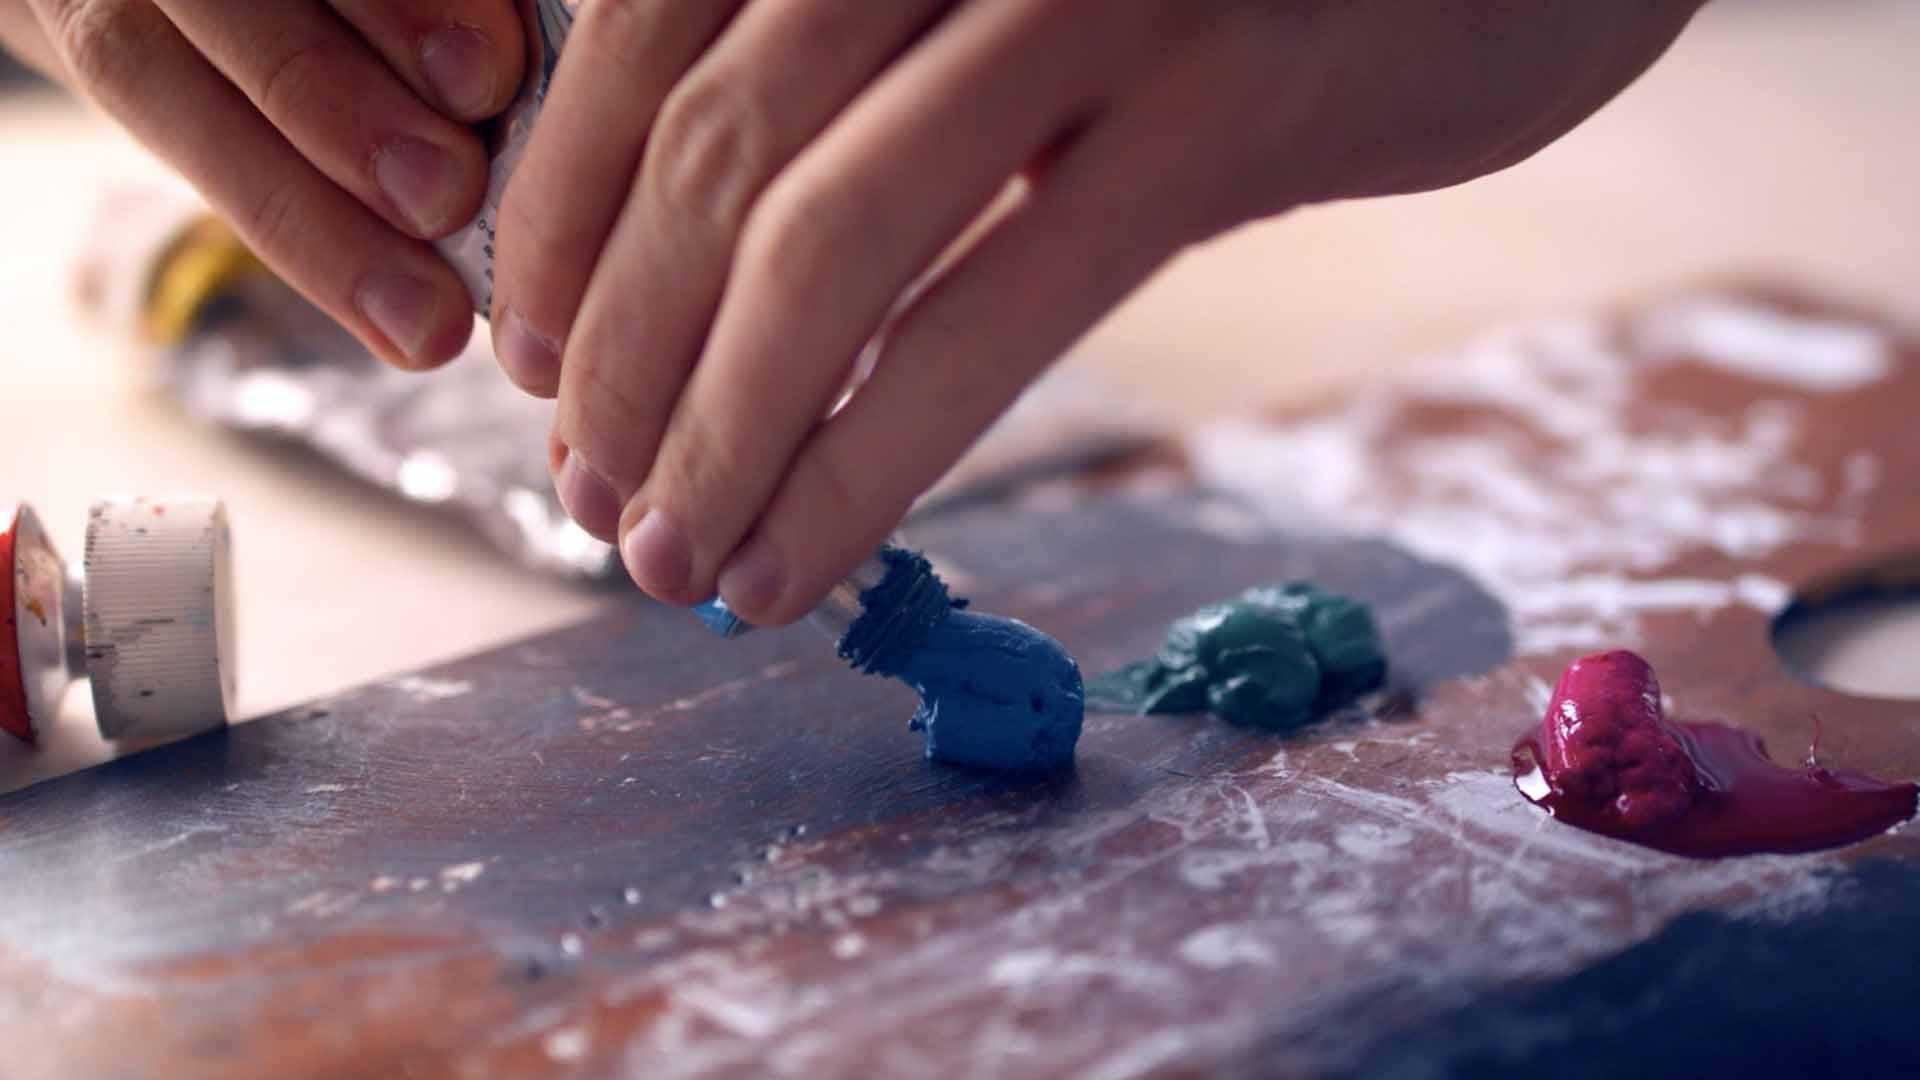 Das Bild zeigt zwei Hände. Diese halten eine Tube mit Farbe welche sie heraus pressen. Die Farbe ist blau und fällt auf ein Stück Holz. Das Bild dient als Making Of Bild für den Portfolioeintrag Bayerischer Volkshochschulverband von Panda Pictures.